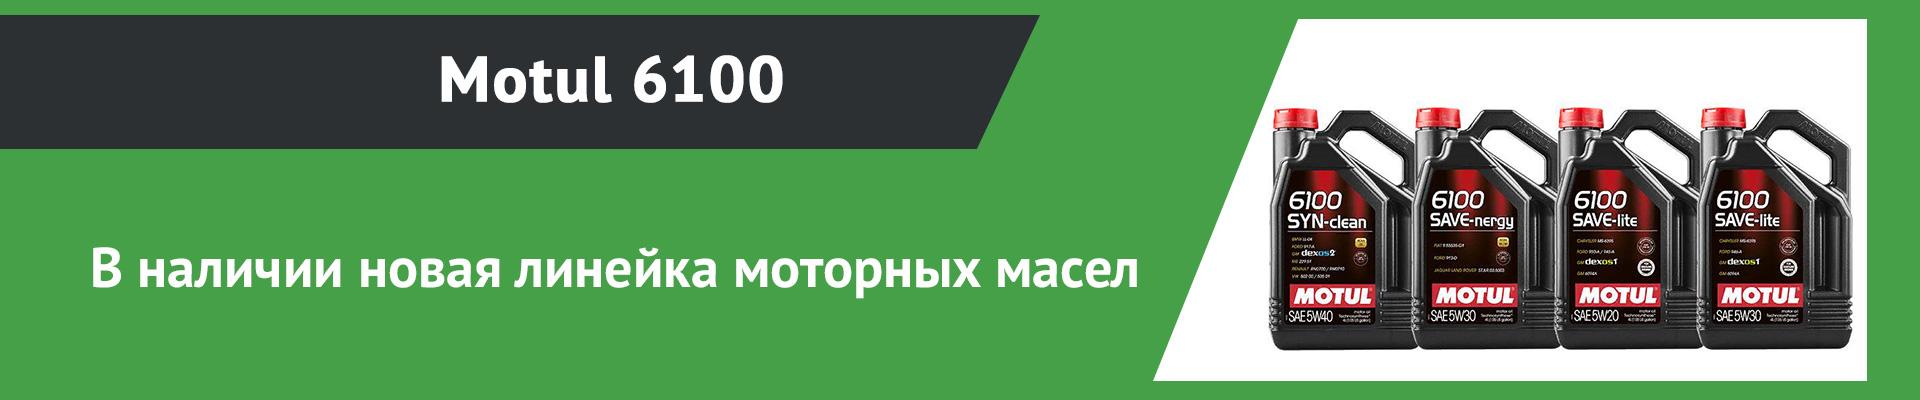 Motul6100